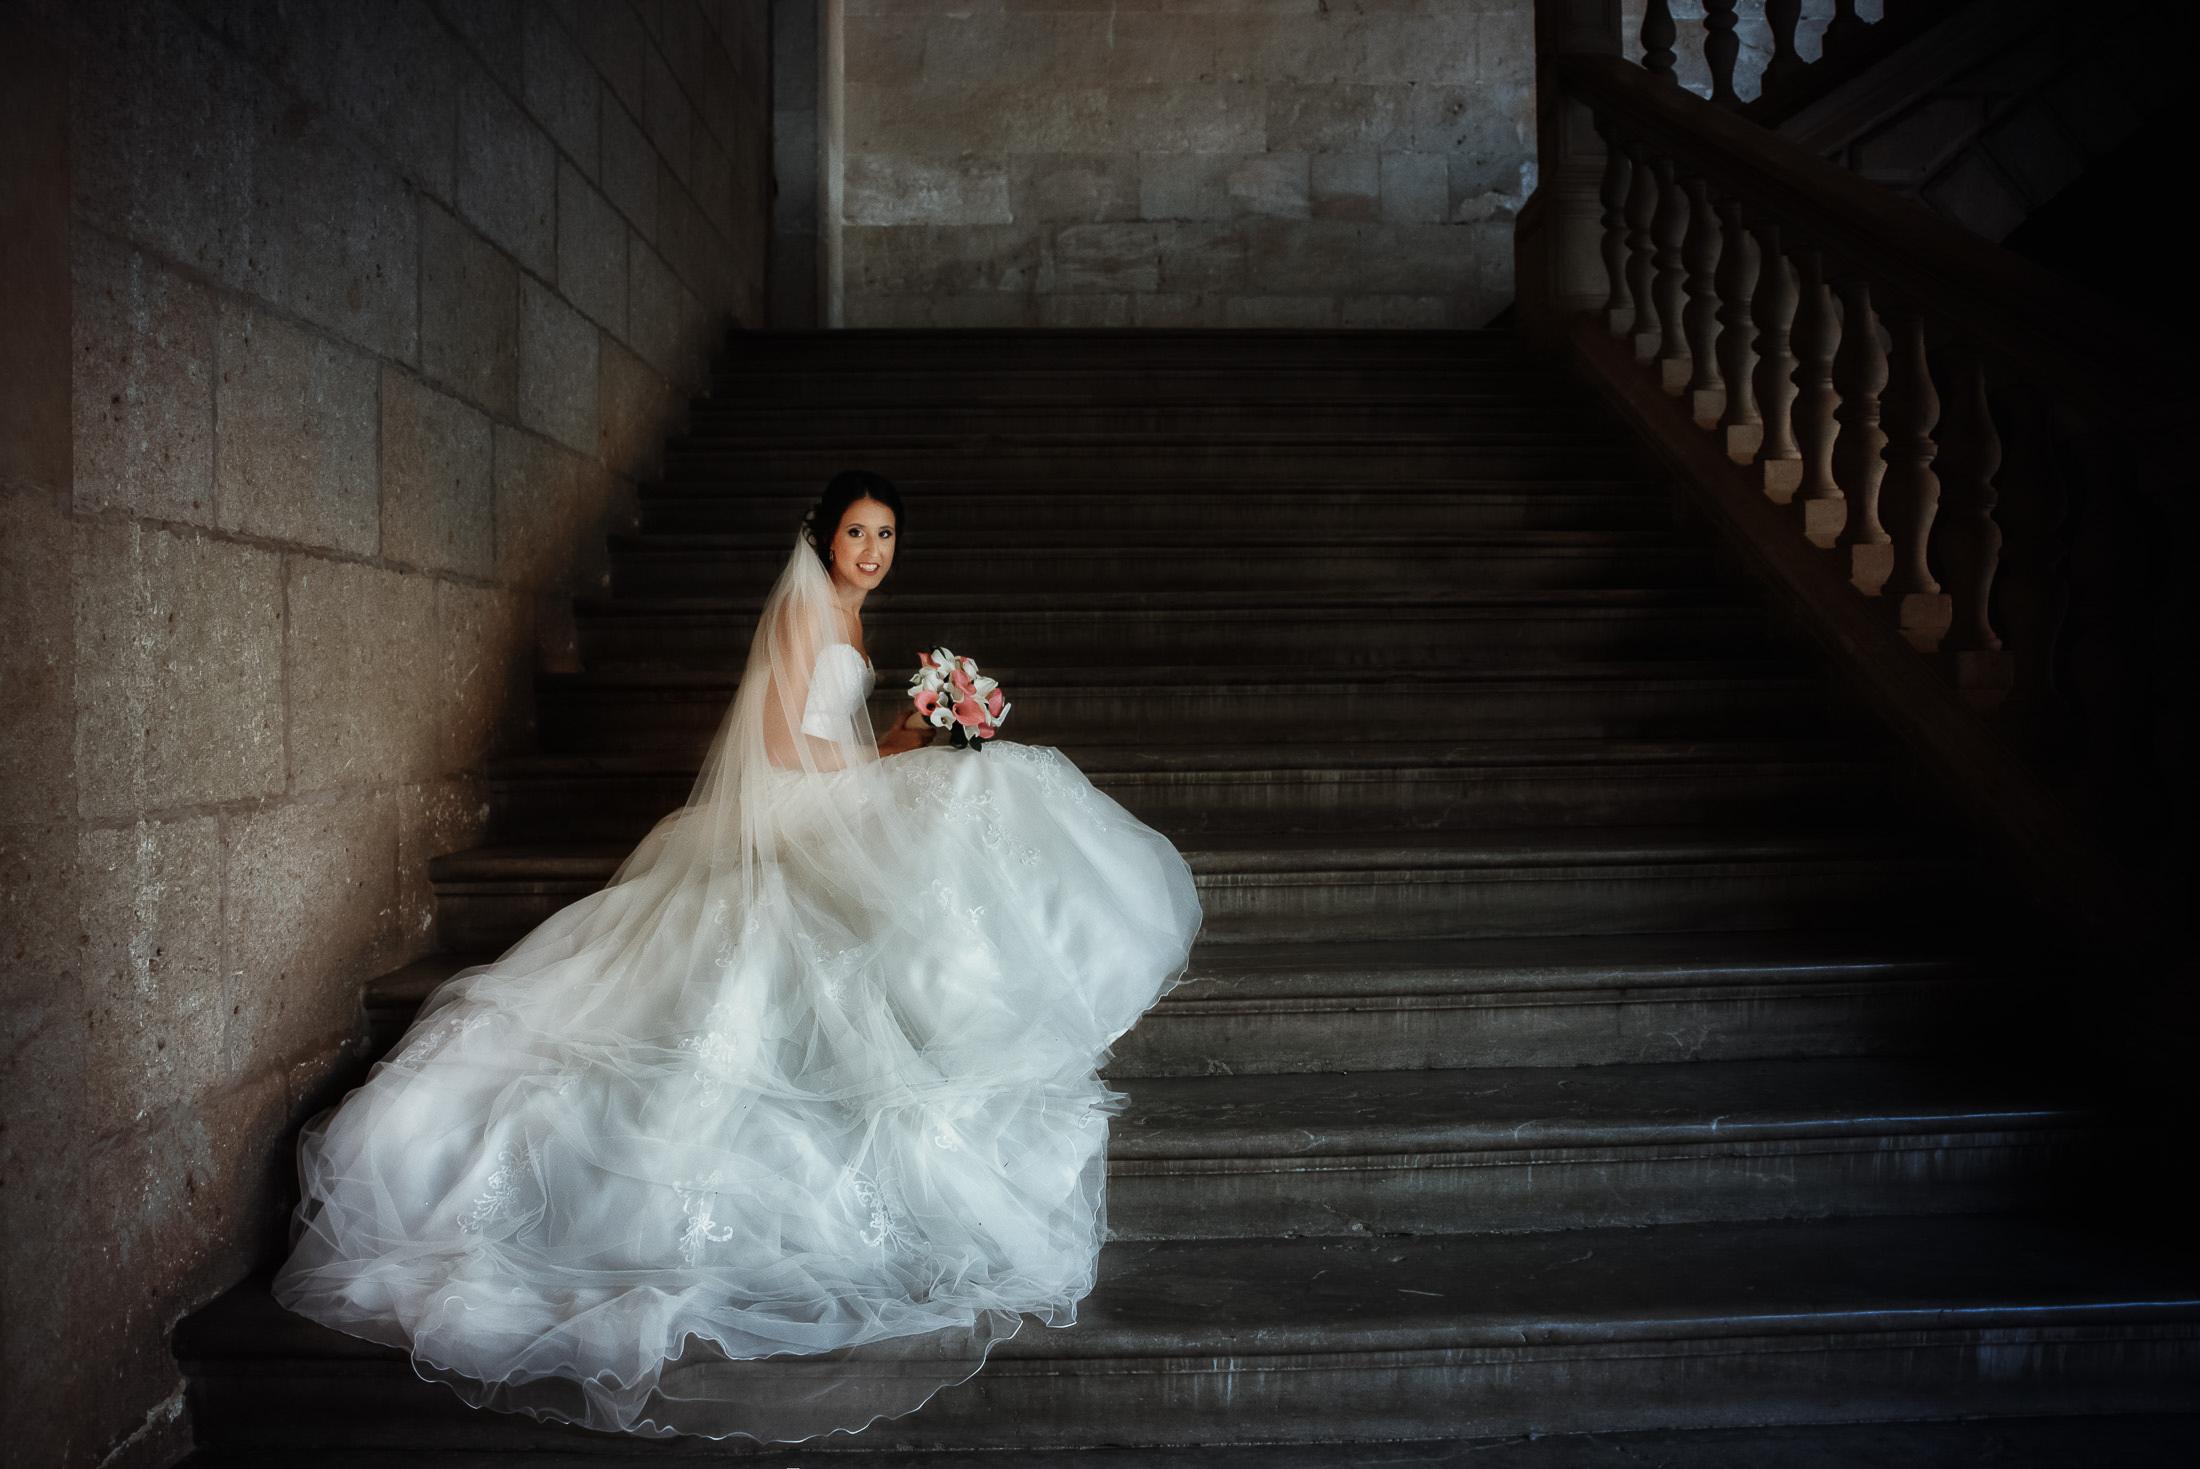 Post boda en Granada, palacio Carlos V